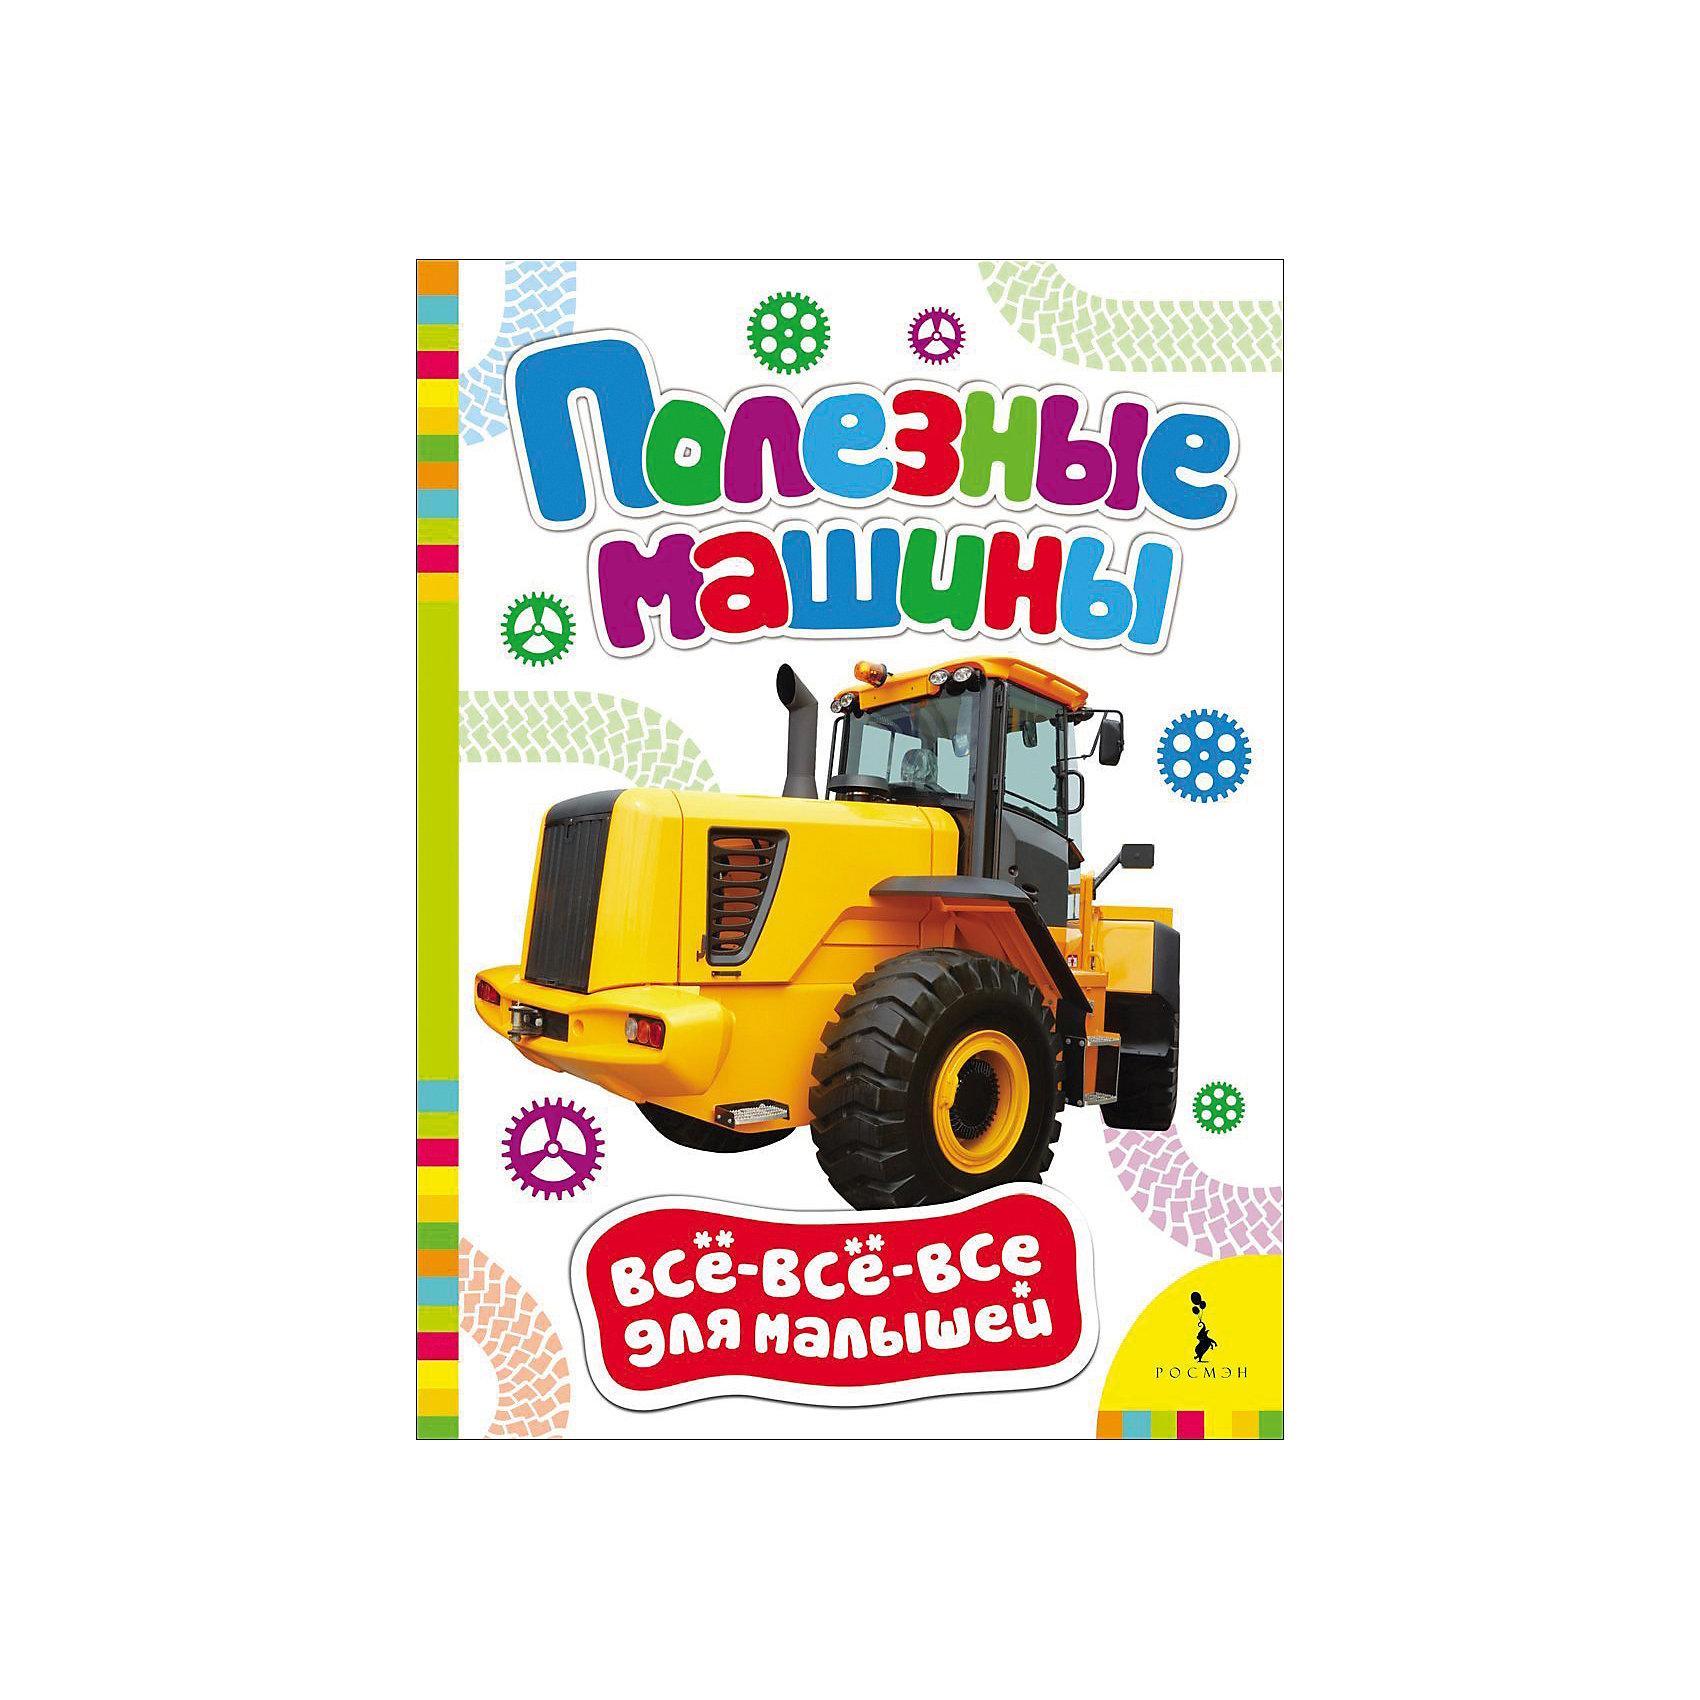 Полезные машины, Всё-всё-всё для малышейХарактеристики товара:<br><br>- цвет: разноцветный;<br>- материал: бумага;<br>- страниц: 8;<br>- формат: 22 х 16 см;<br>- обложка: картон;<br>- цветные иллюстрации. <br><br>Эта полезная книга станет отличным подарком для родителей и ребенка. Она содержит в себе фотографии, а также интересные вопросы и задания, связанные с машинами. Отличный способ привить малышу любовь к занятиям и начать обучение!<br>Чтение и рассматривание картинок даже в юном возрасте помогает ребенку развивать память, концентрацию внимания и воображение. Издание произведено из качественных материалов, которые безопасны даже для самых маленьких.<br><br>Издание Полезные машины, Все-все-все для малышей от компании Росмэн можно купить в нашем интернет-магазине.<br><br>Ширина мм: 220<br>Глубина мм: 160<br>Высота мм: 4<br>Вес г: 111<br>Возраст от месяцев: 0<br>Возраст до месяцев: 36<br>Пол: Унисекс<br>Возраст: Детский<br>SKU: 5110068